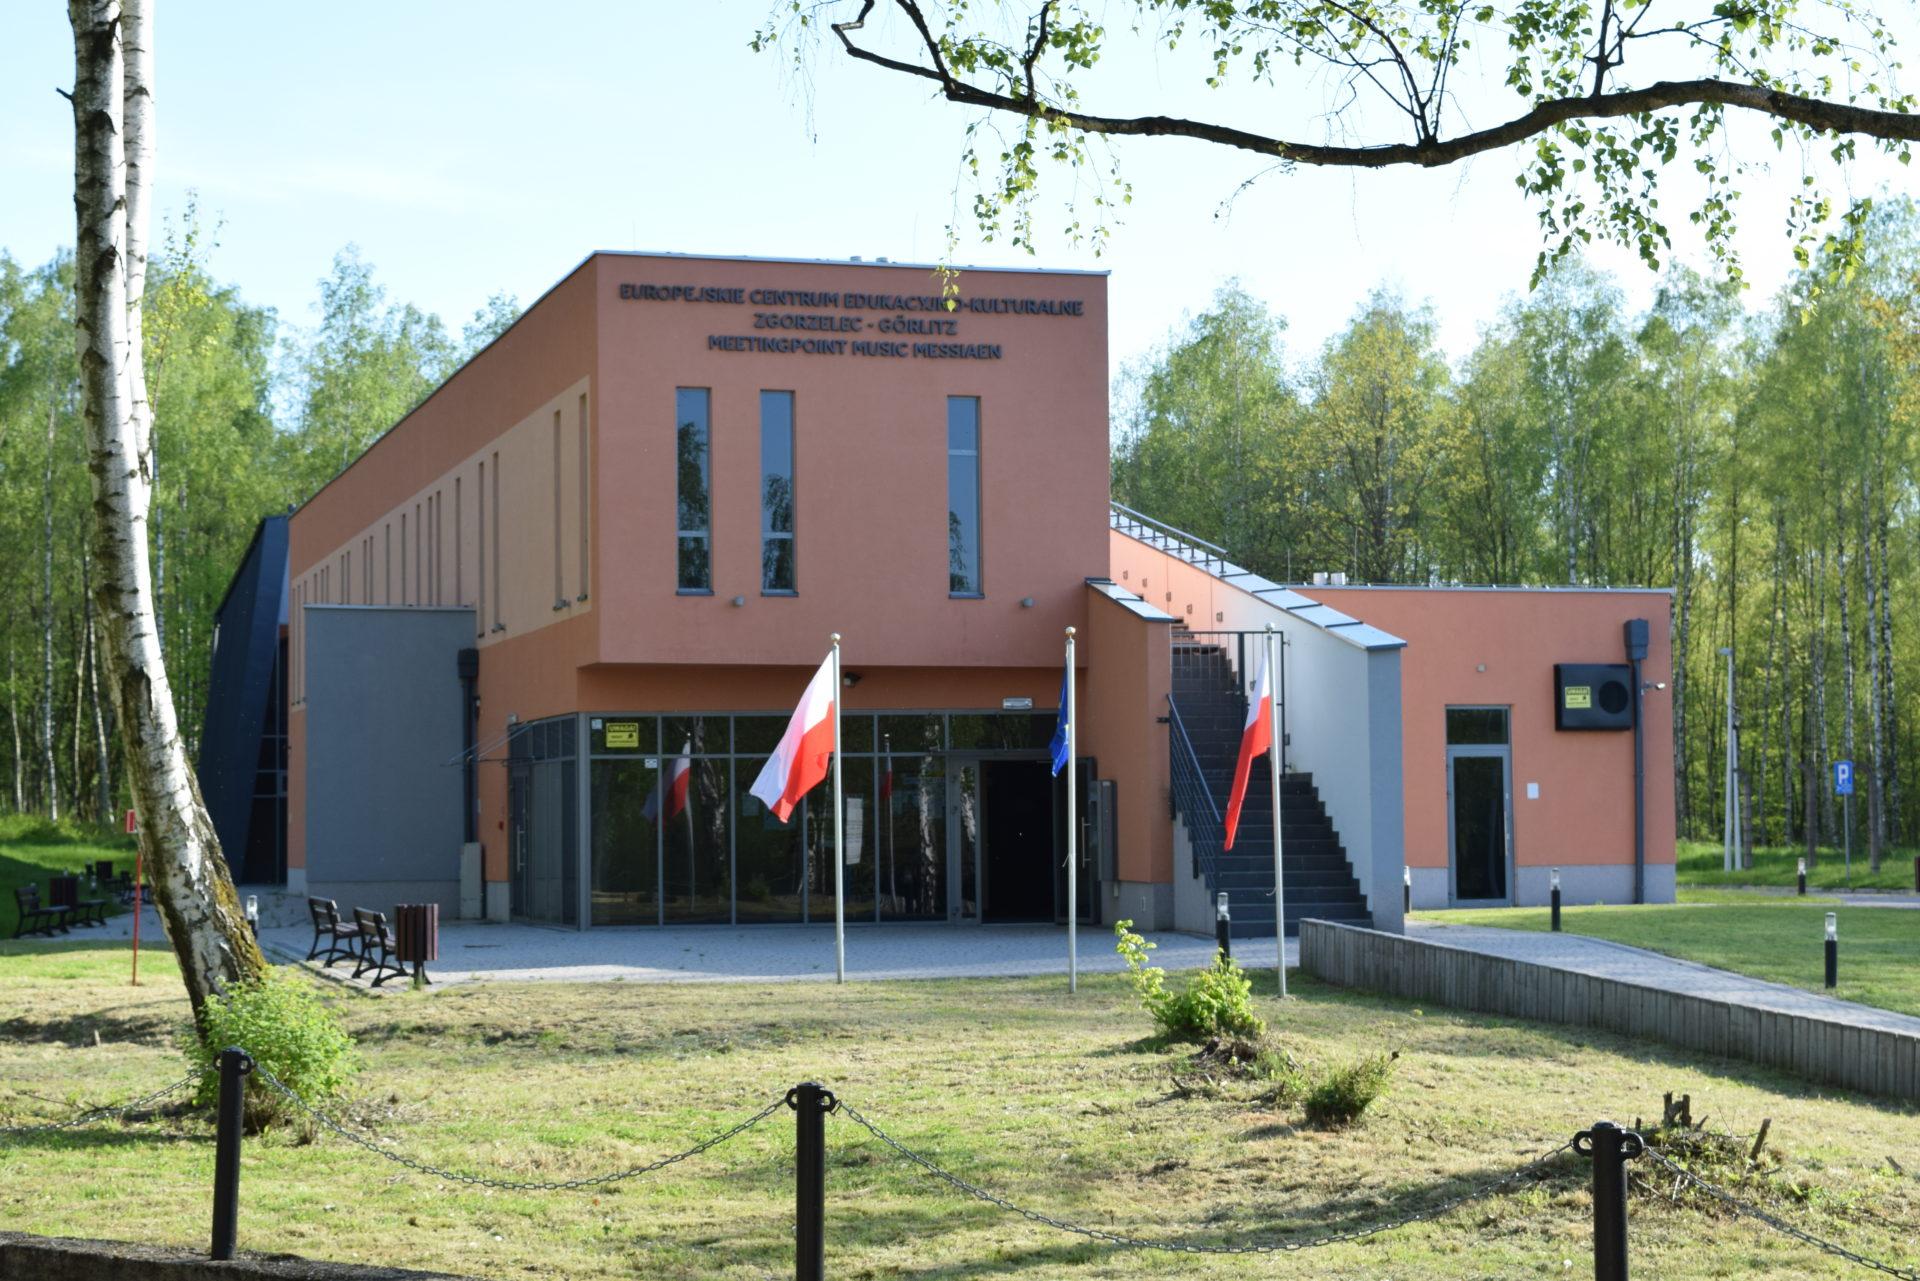 Godziny otwarcia Europejskiego Centrum Pamięć, Edukacja, Kultura – terminy oprowadzań na 2021 rok